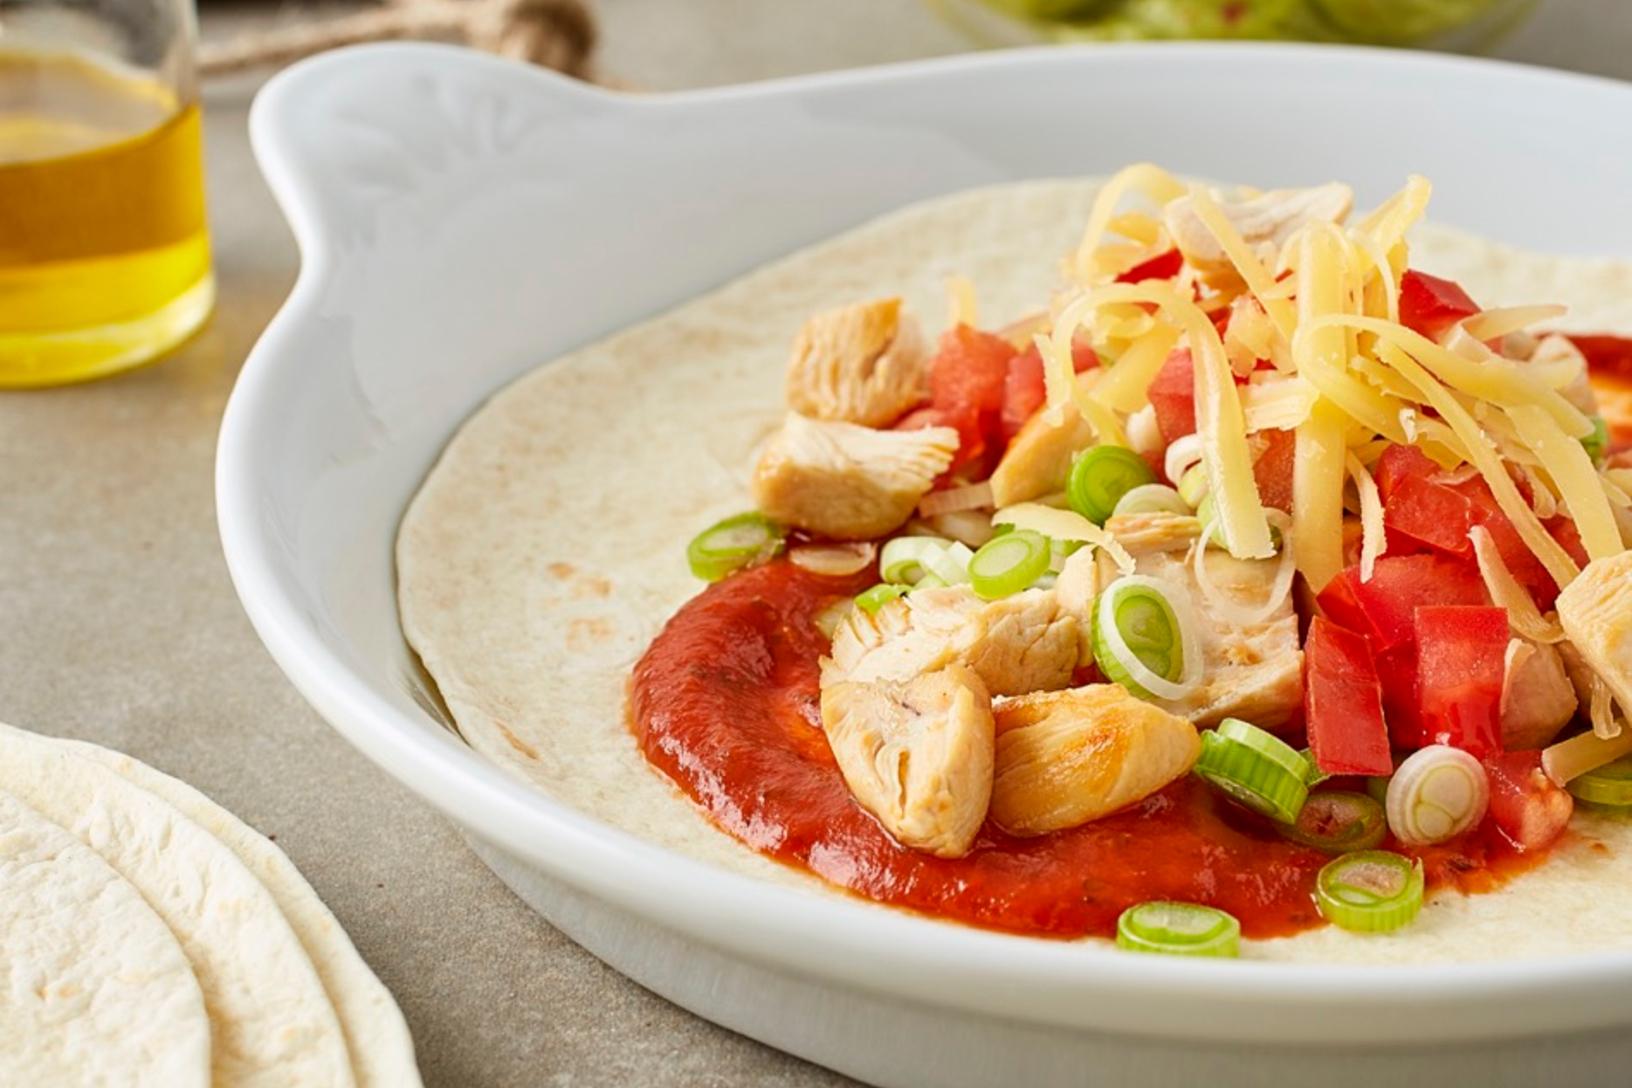 دجاج مخبوز علي الطريقة المكسيكية